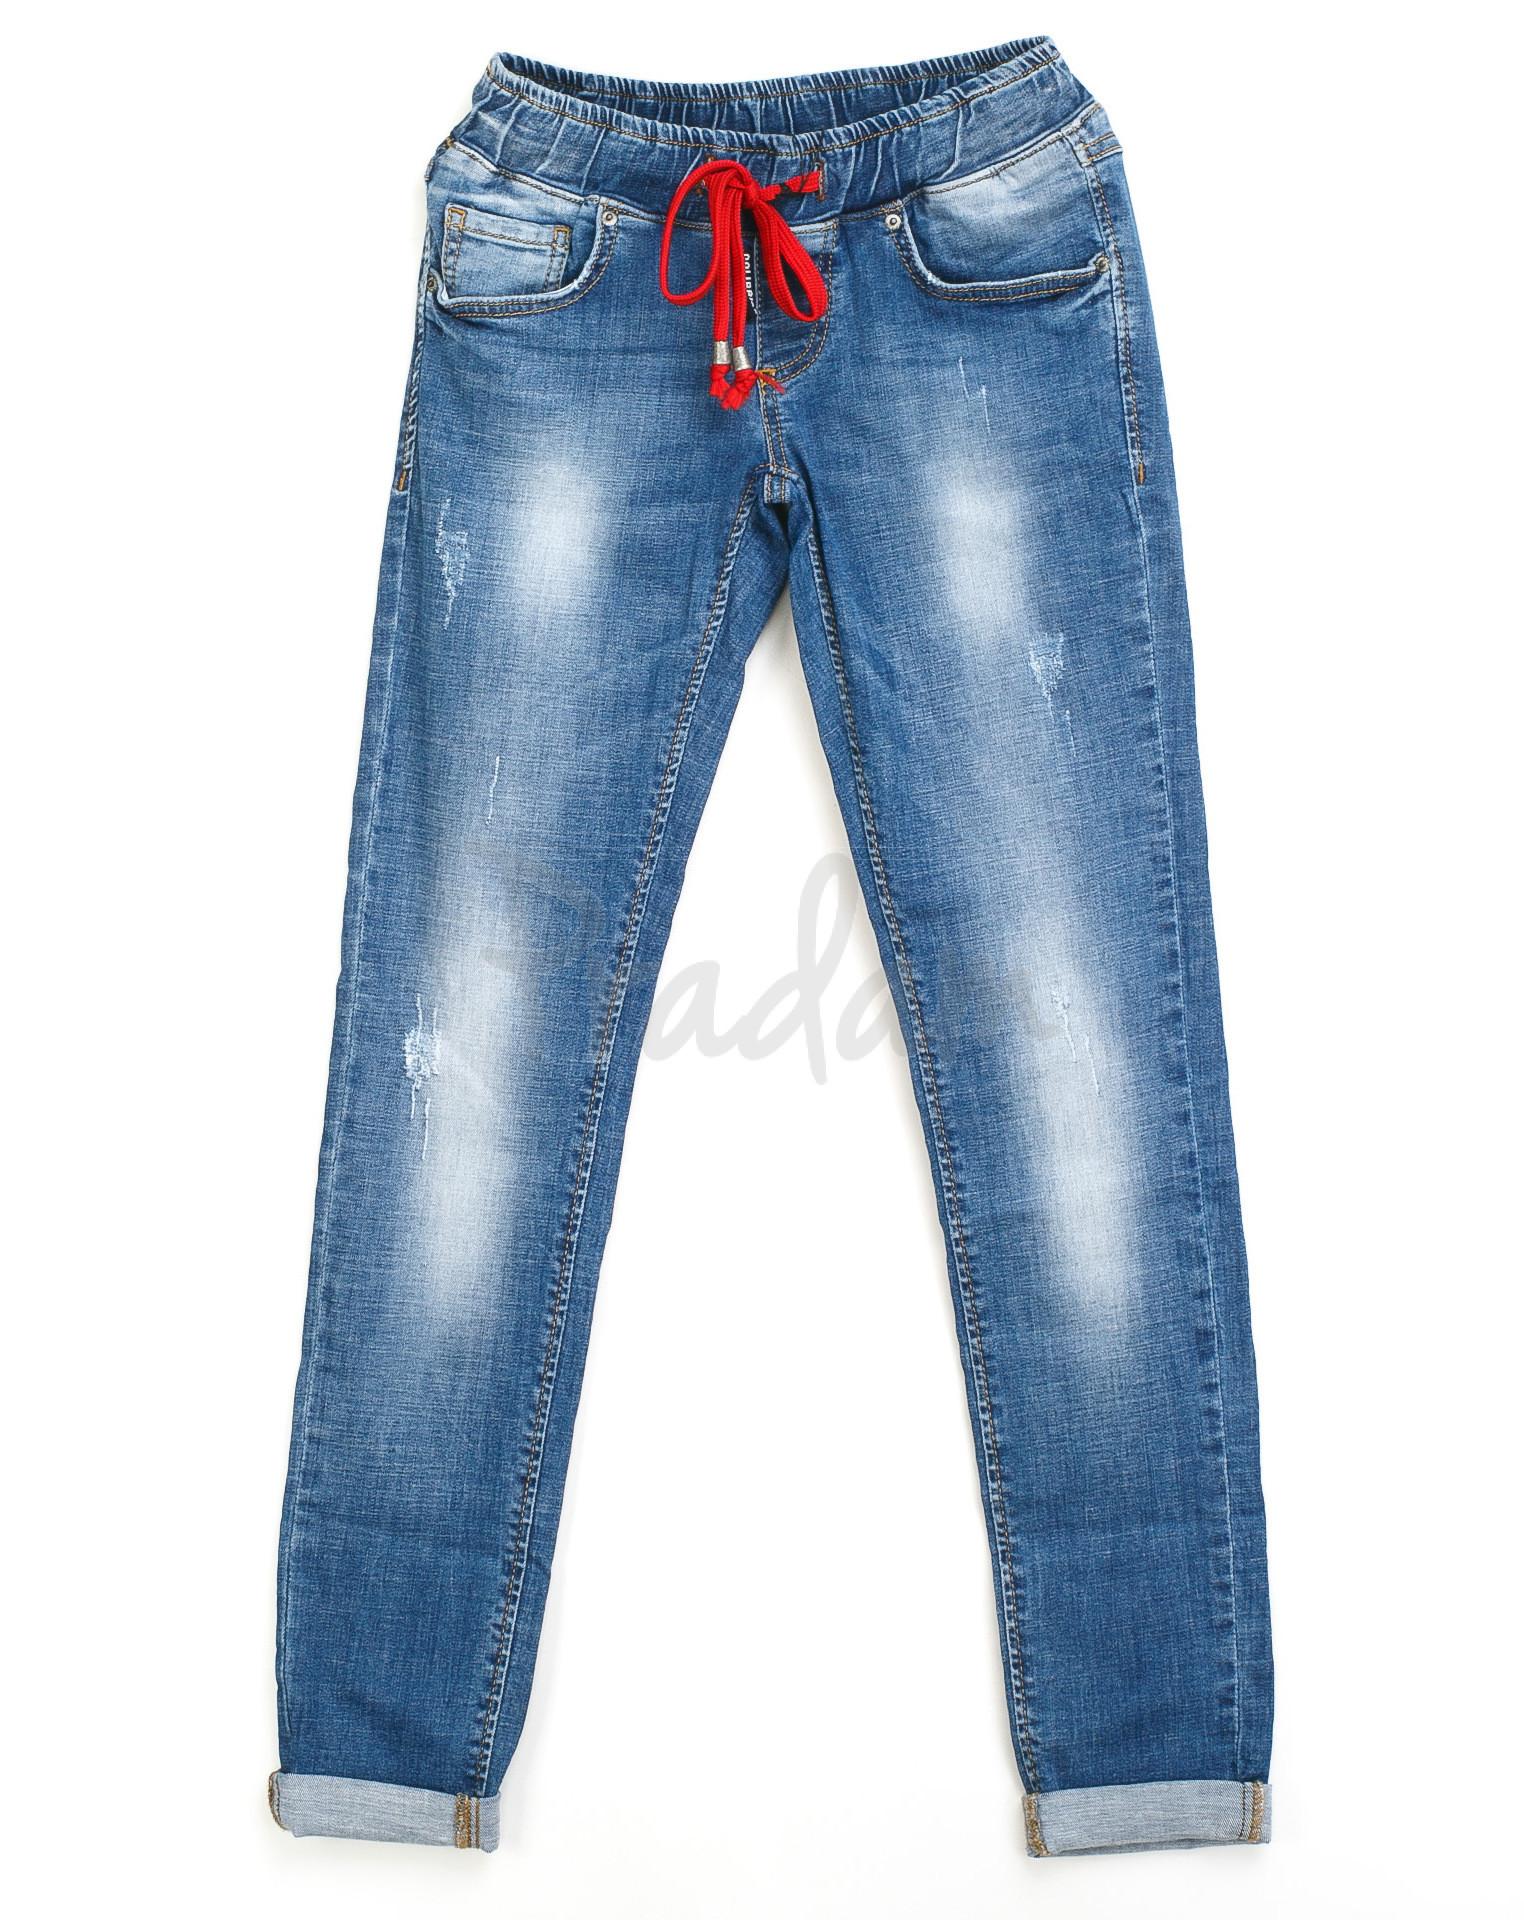 8ba773071e5 женские джинсы на резинке 9213-550 K (25-30